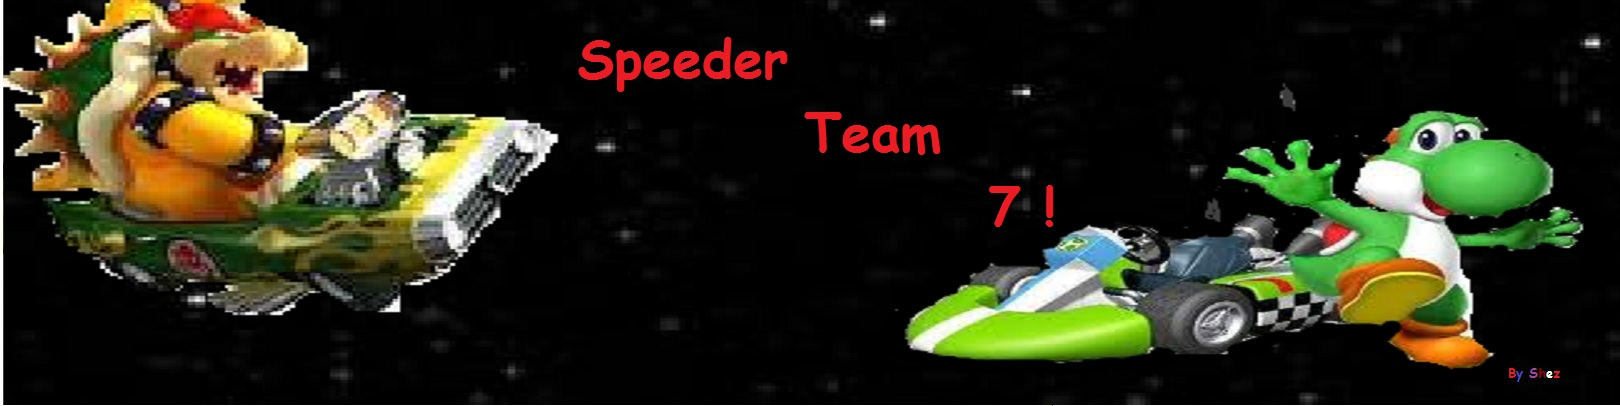 speeder team 7 Index du Forum